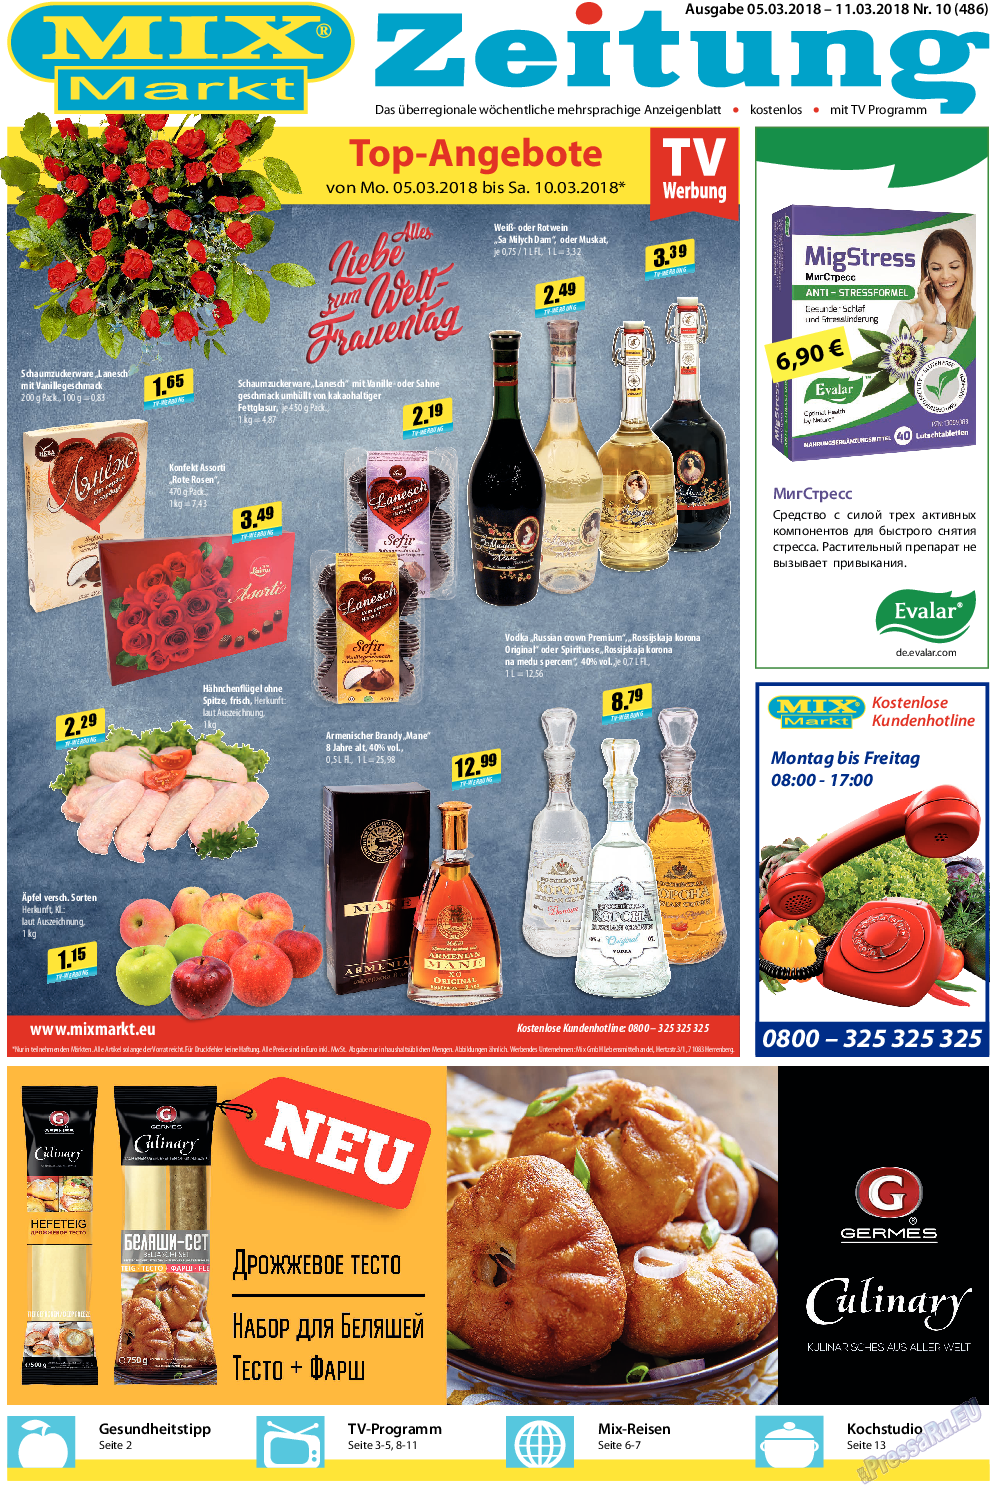 MIX-Markt Zeitung (газета). 2018 год, номер 10, стр. 1